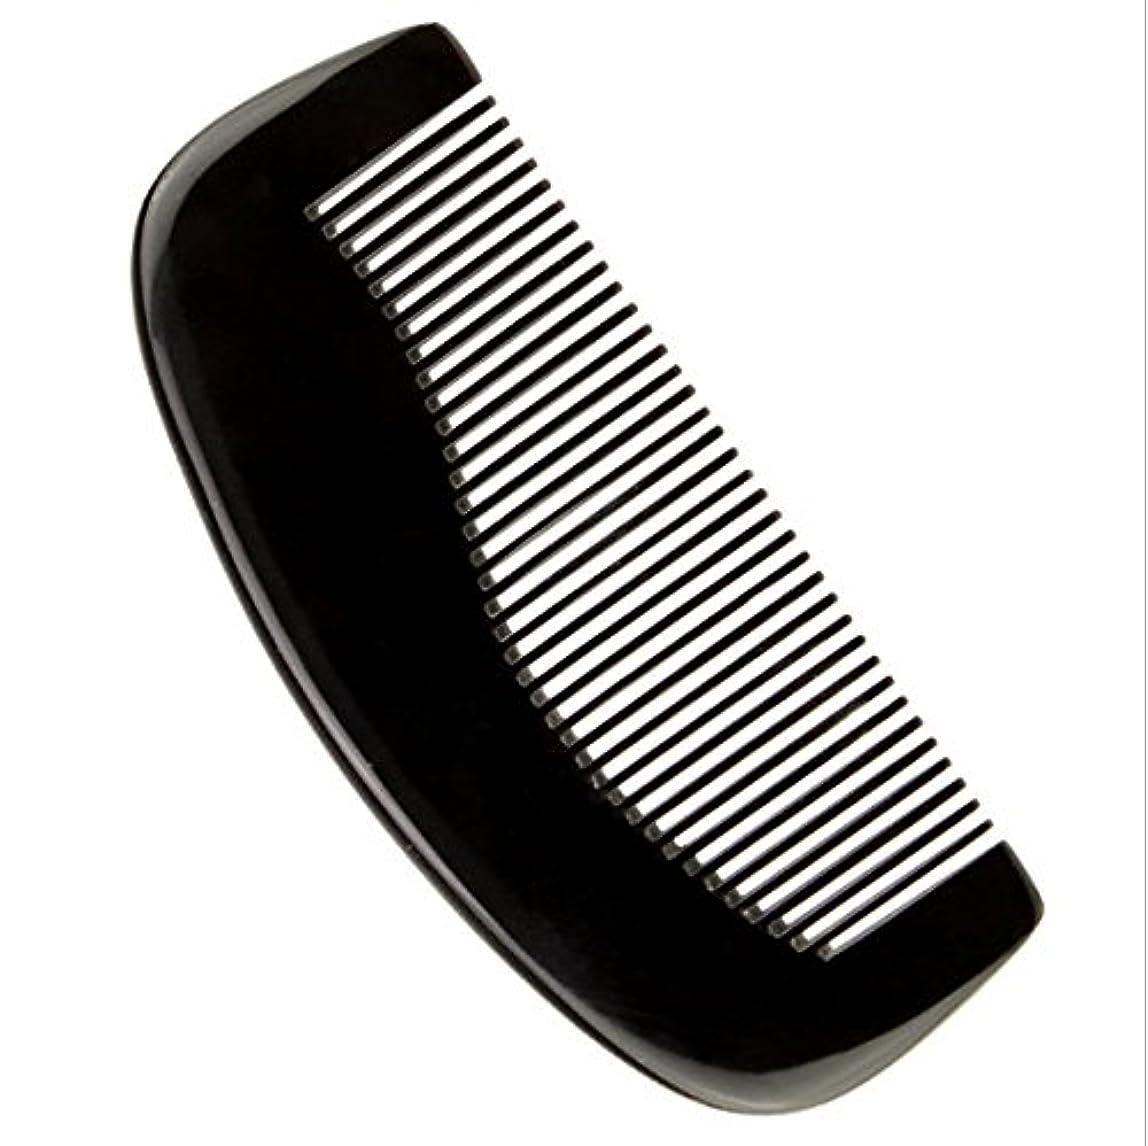 フルーツわなパートナー櫛型 プロも使う牛角かっさプレート 牛櫛 高級 天然 静電気 防止 美髪 粗歯 櫛型 美顔 ボディ リンパマッサージ